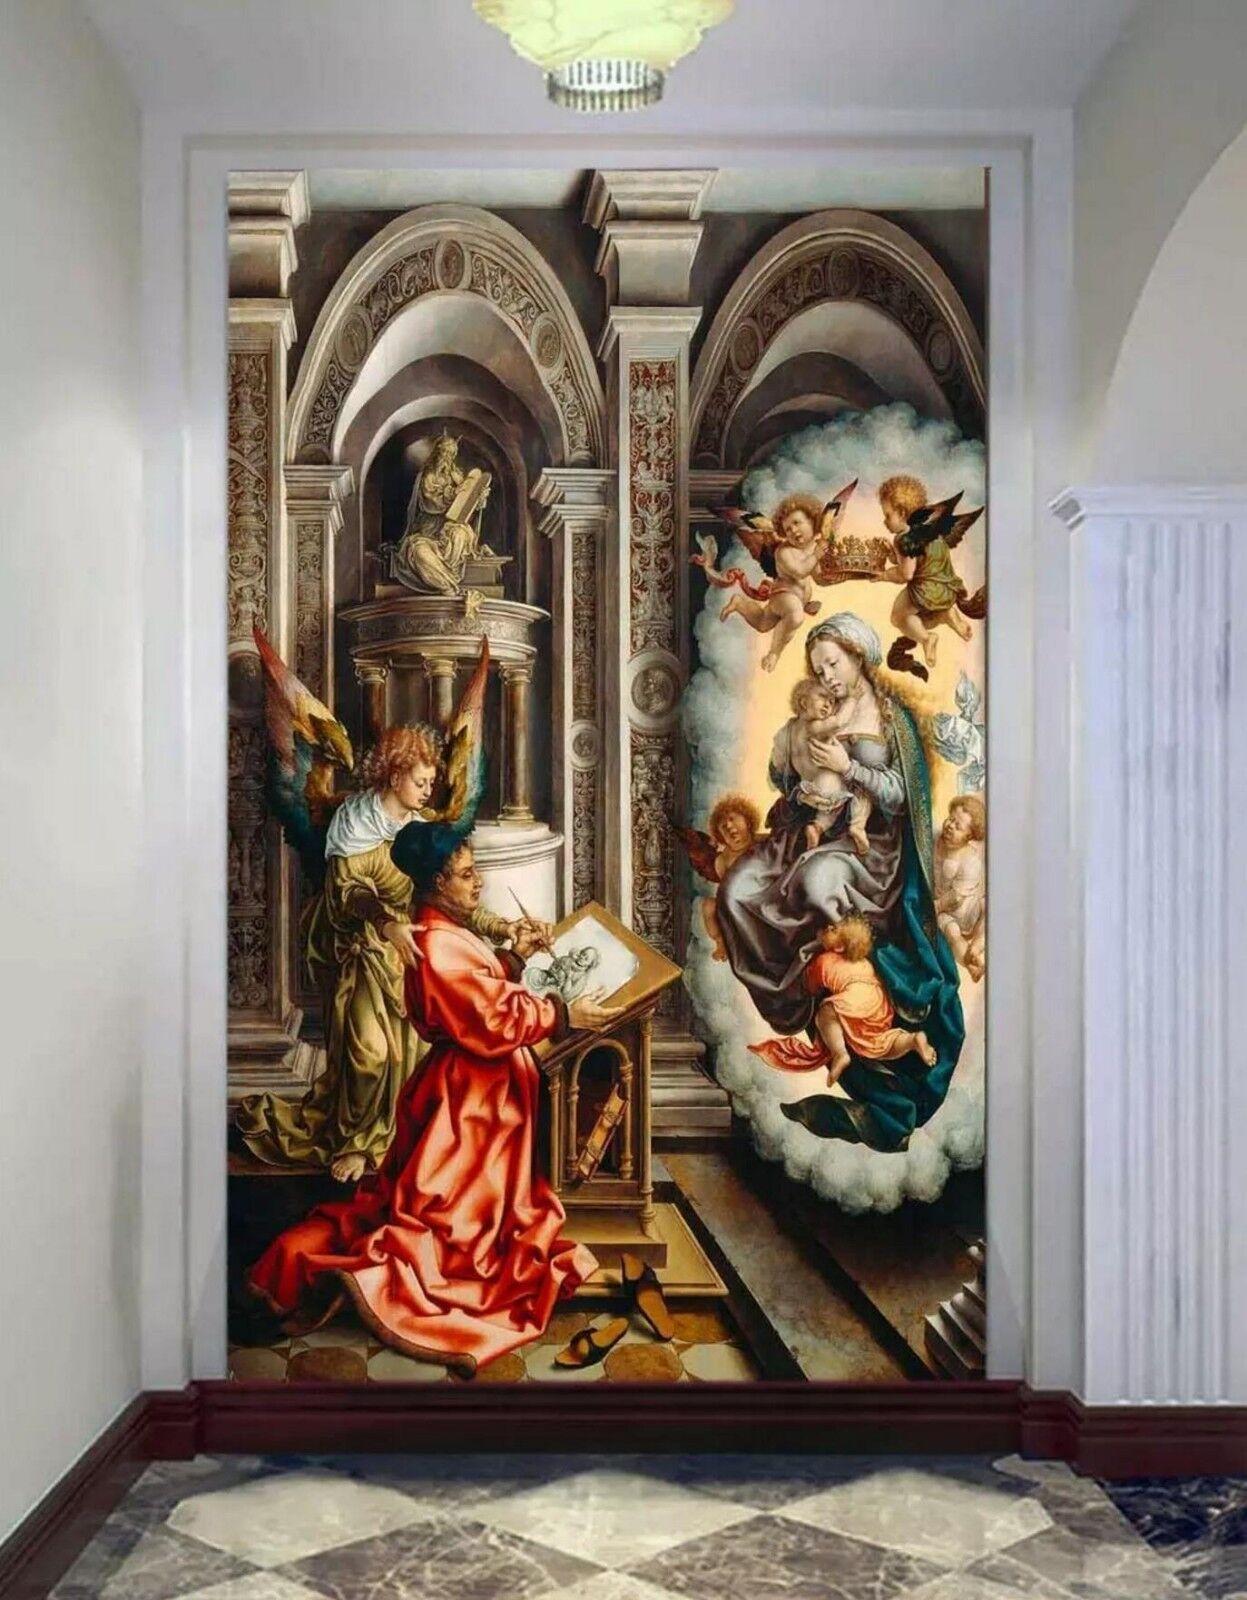 3D Engel Kirche Malerei 88 Tapete Wandgemälde Tapete Tapeten Familie Kinde DE